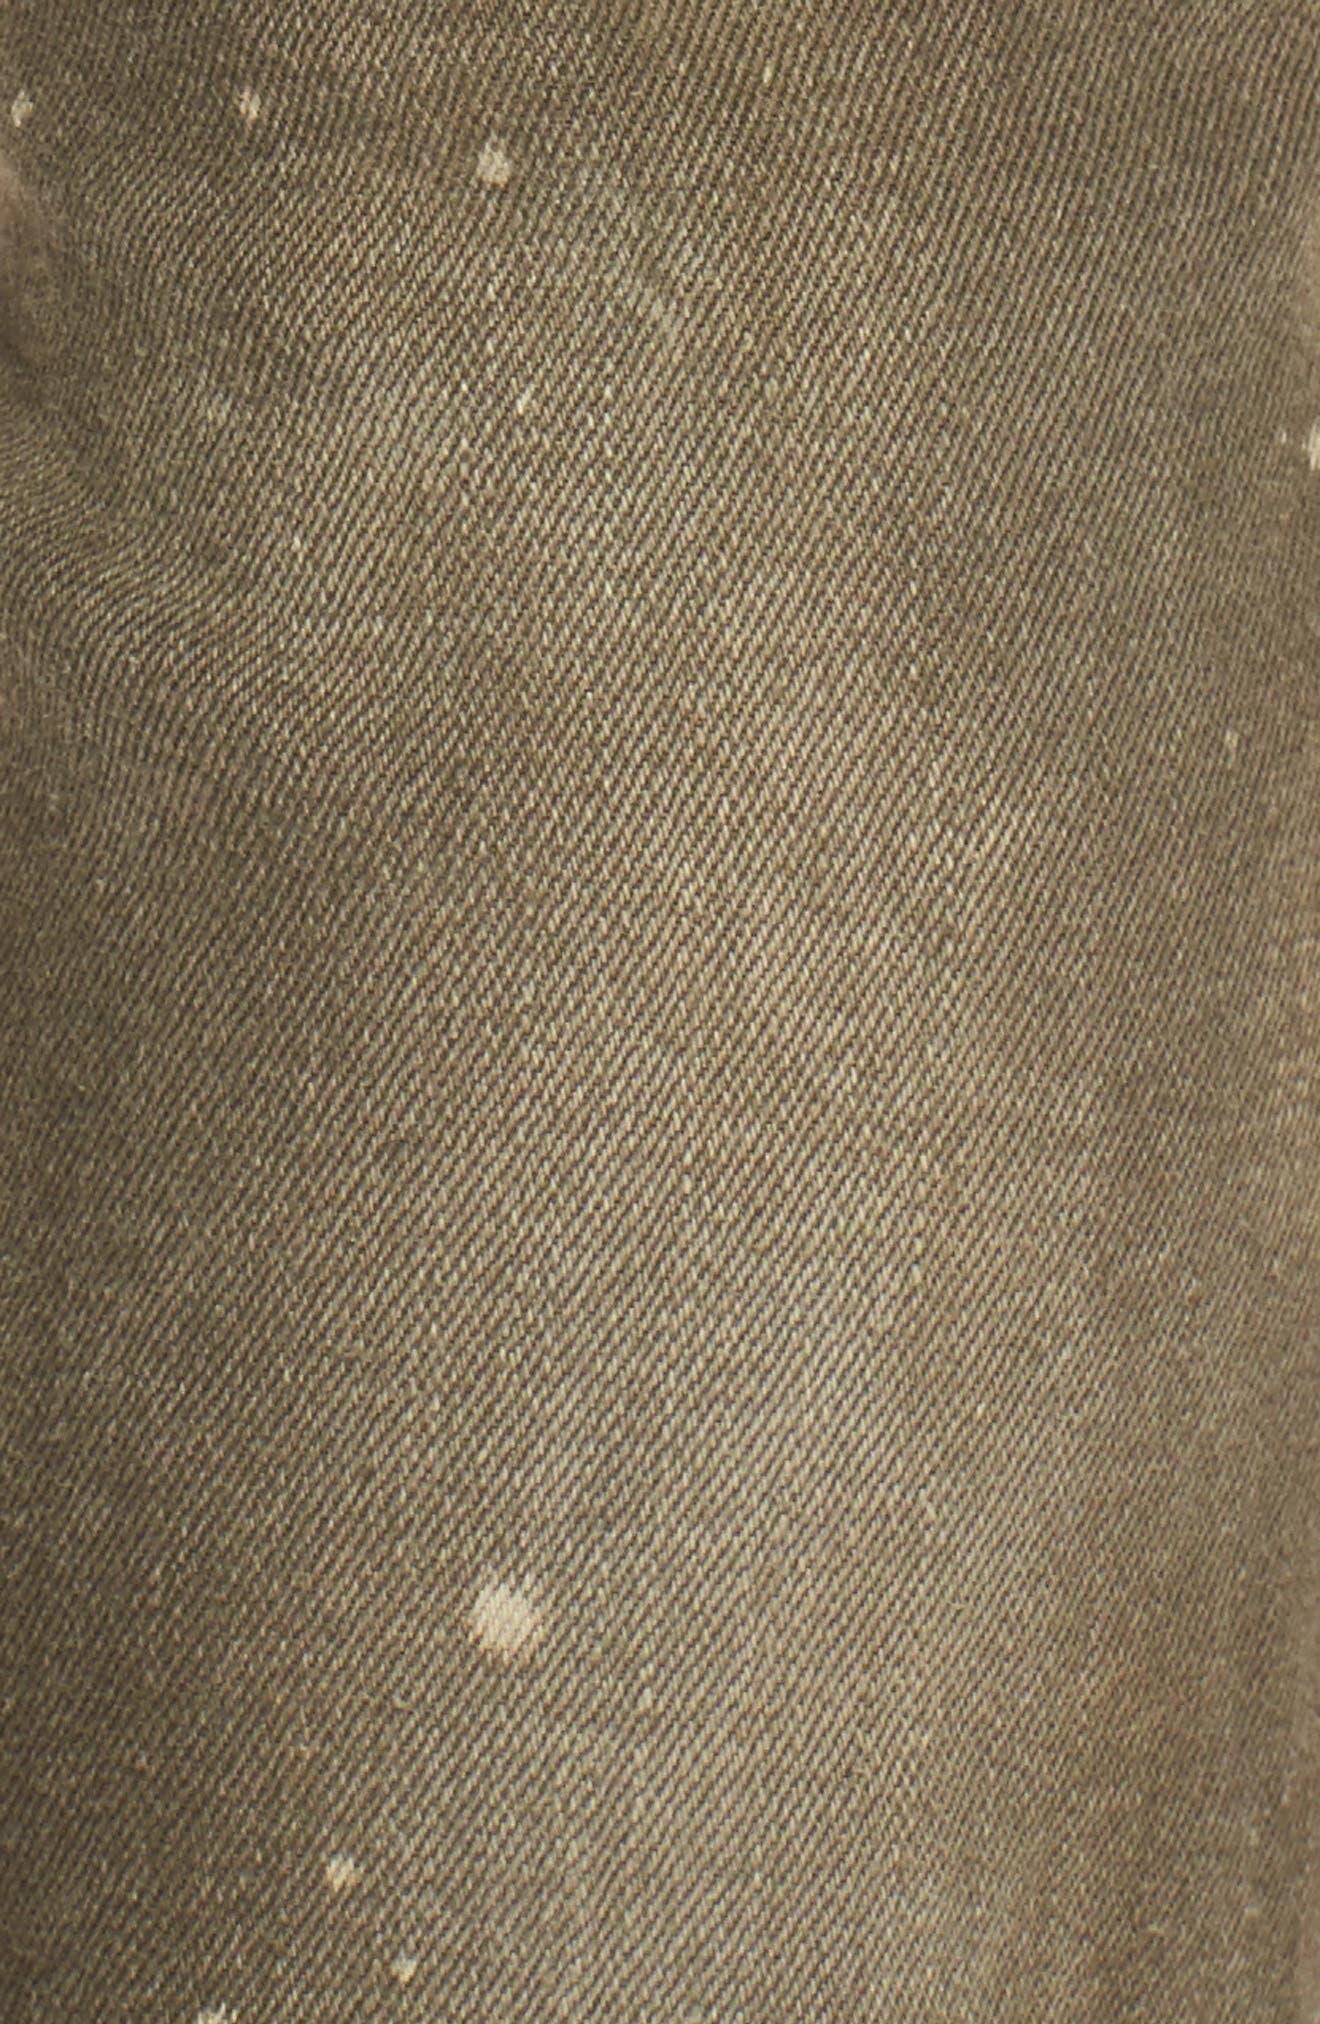 Demon Slim Straight Leg Jeans,                             Alternate thumbnail 5, color,                             454